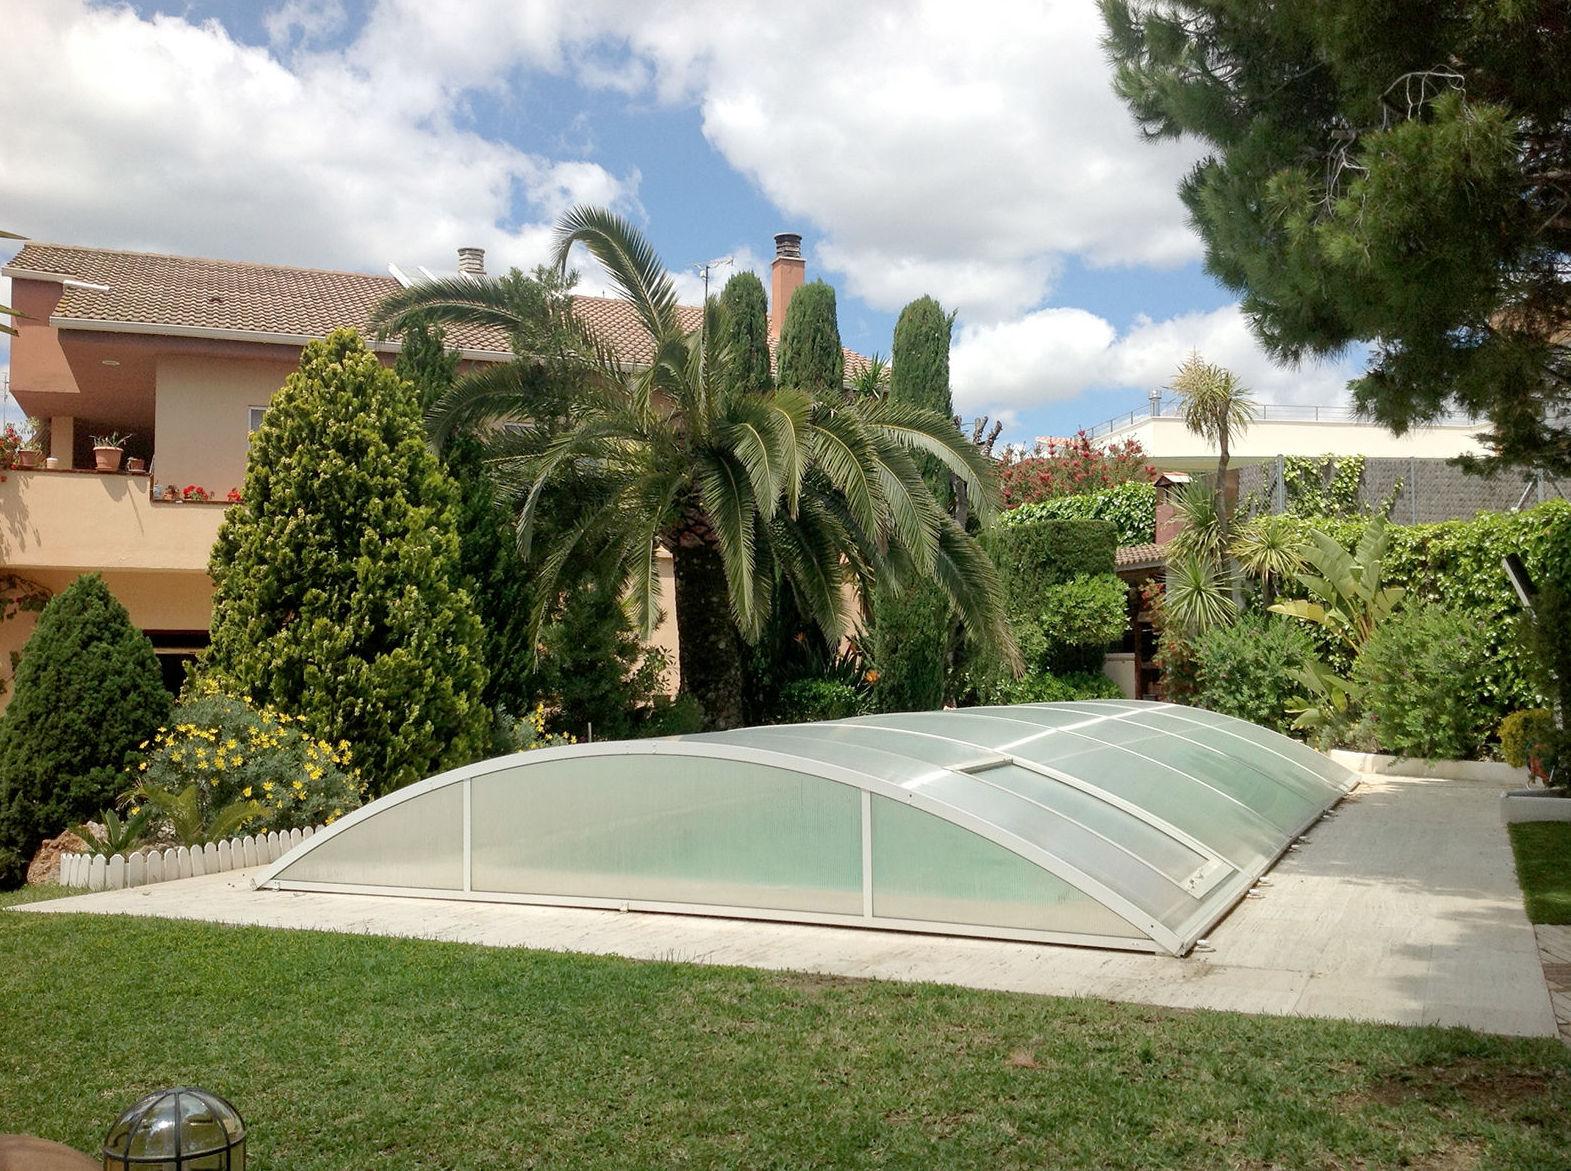 Magnifica casa a cuatro vientos!: Inmuebles en venta de ALGAMAR IMMOBLES S.L.